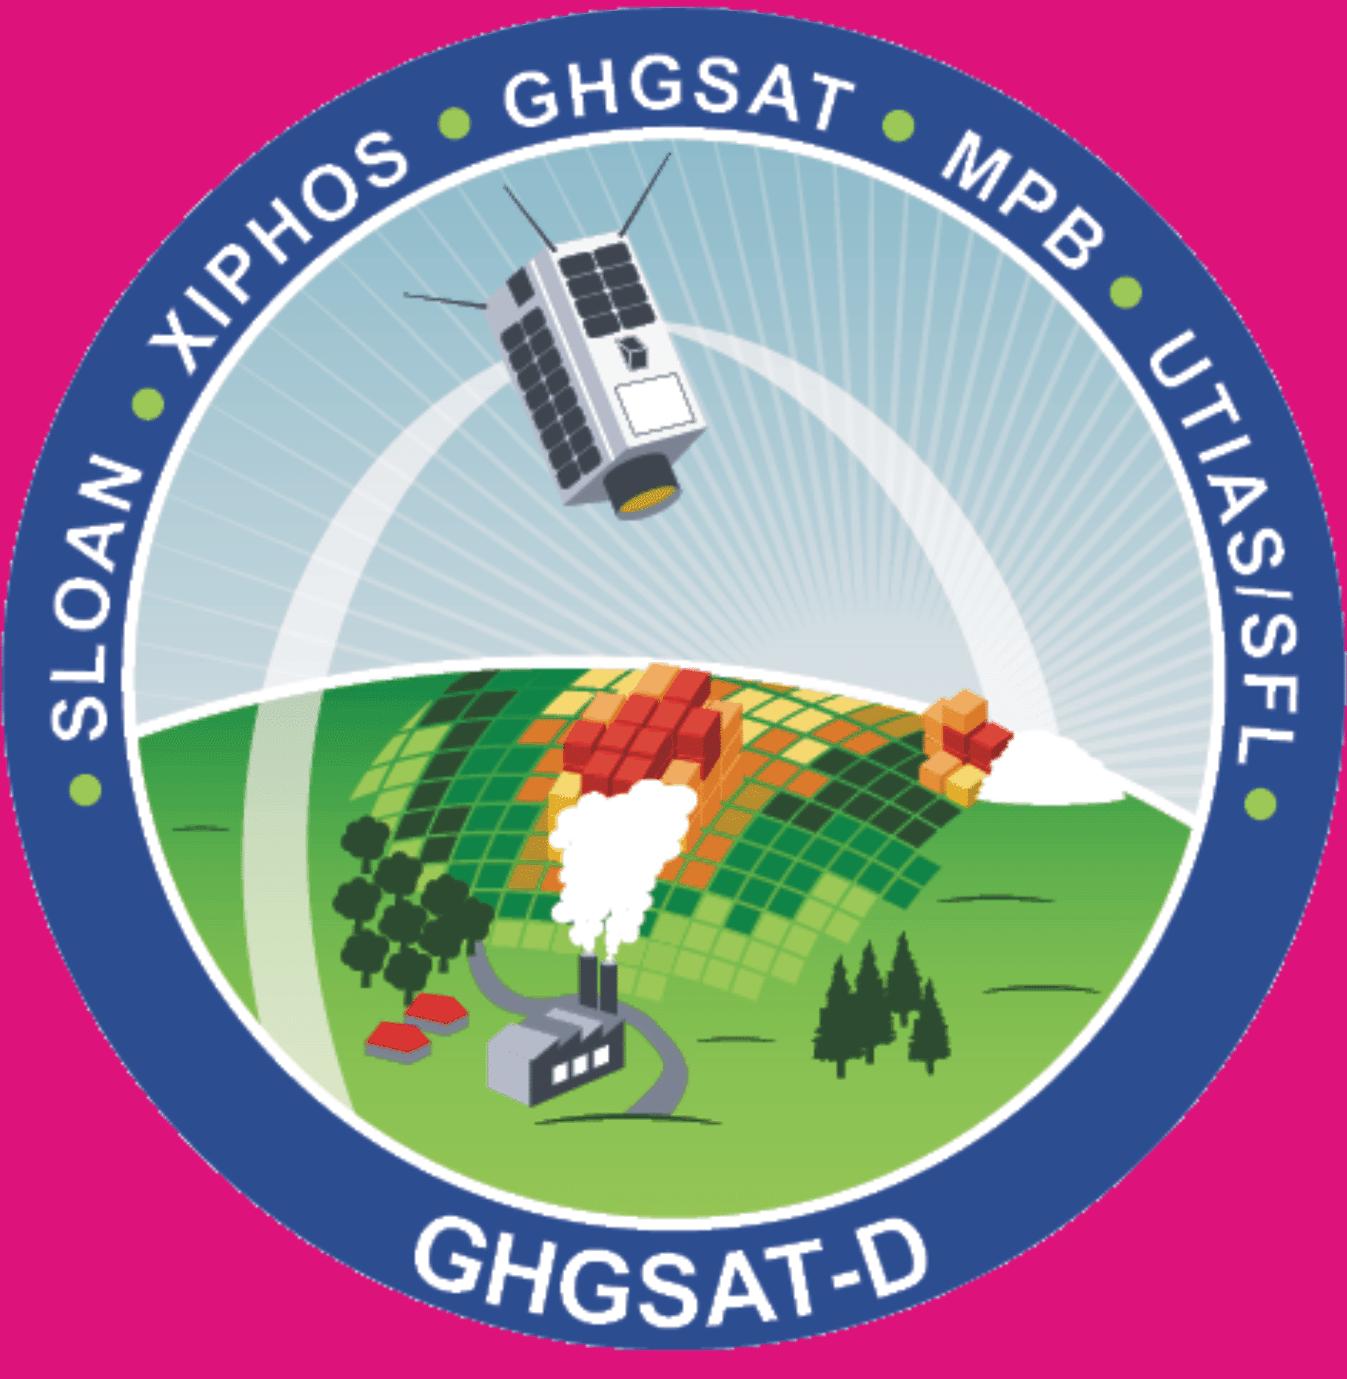 GHGSat-D Mission Patch